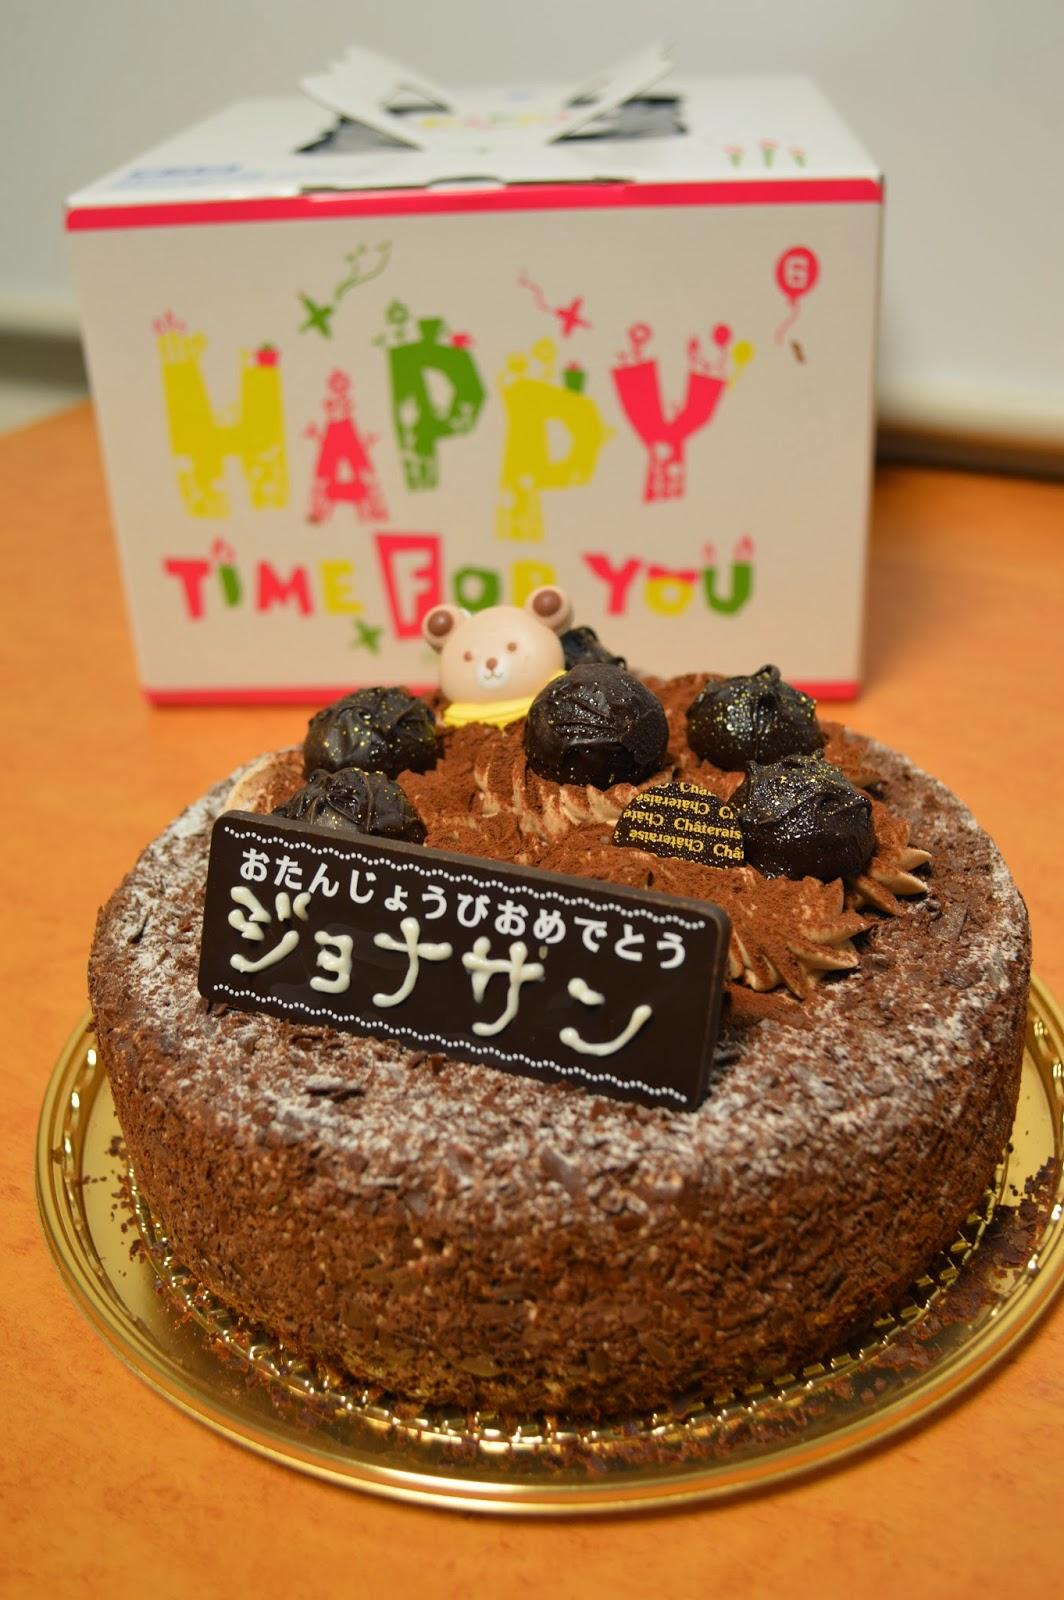 Happy Birthday Jonathan Jenna In Japan